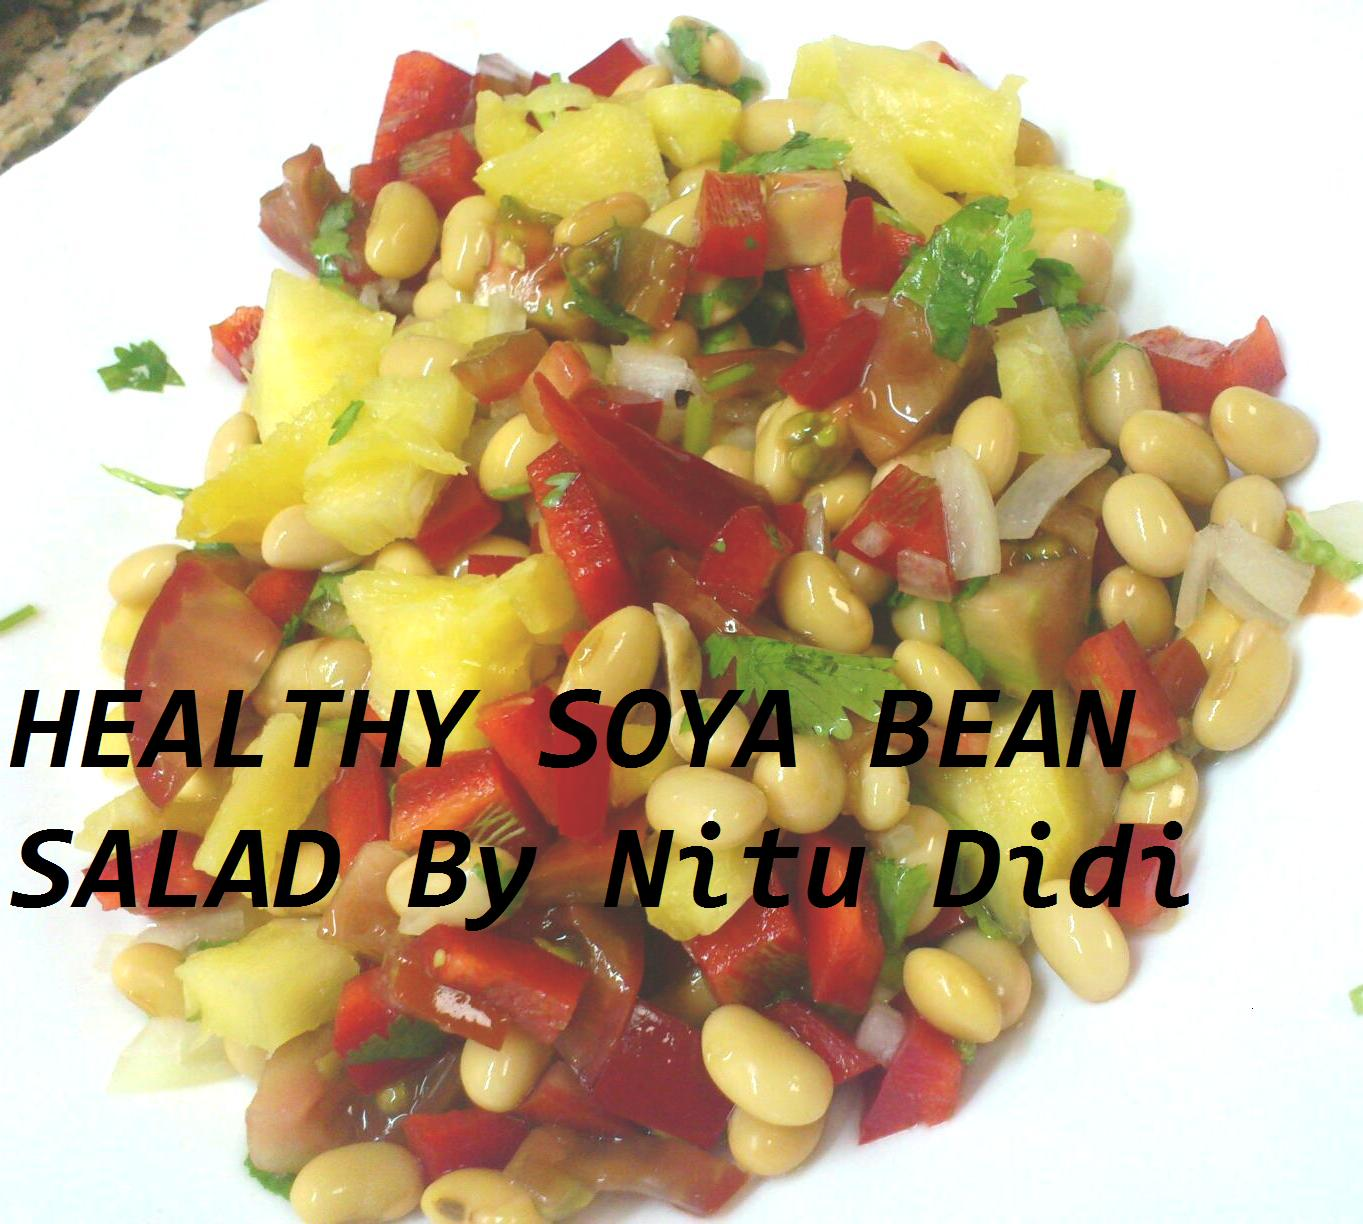 HEALTHY SOYA BEAN SALAD | nitu didi